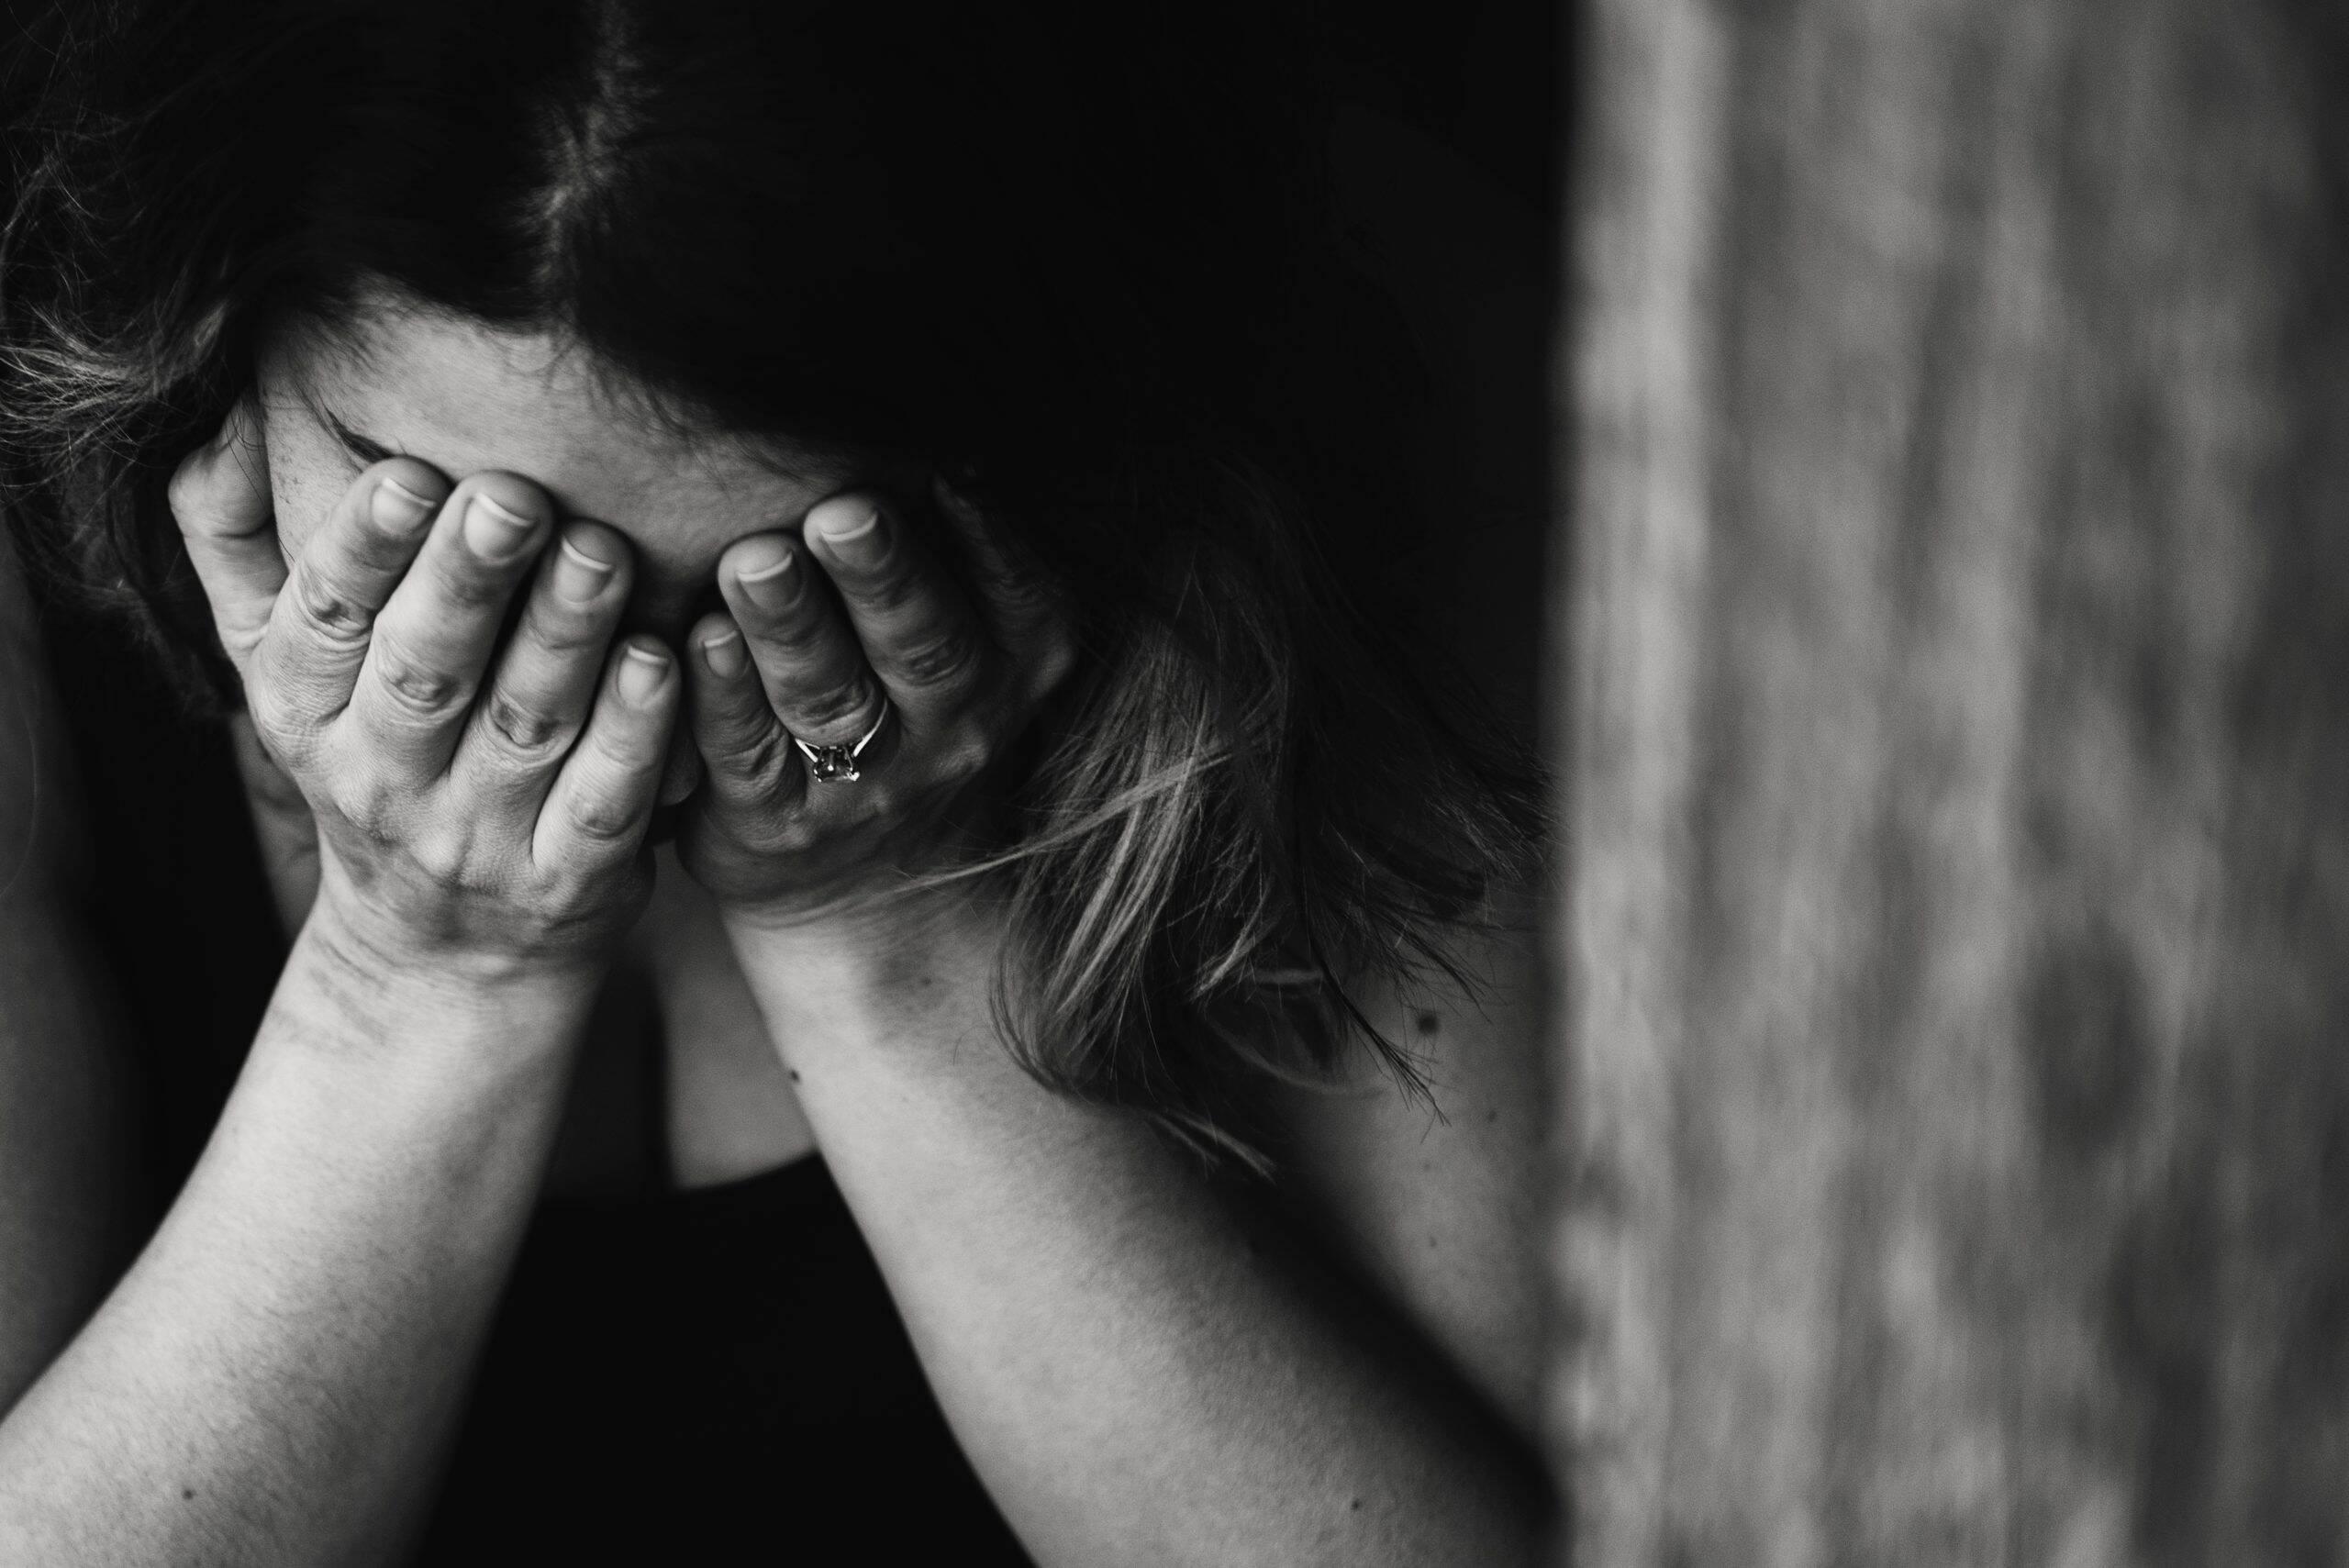 Além disso, quase 50% declararam conhecer pessoas que tiveram depressão no isolamento, sendo eles familiares ou amigos próximos. (Foto: Pexels)